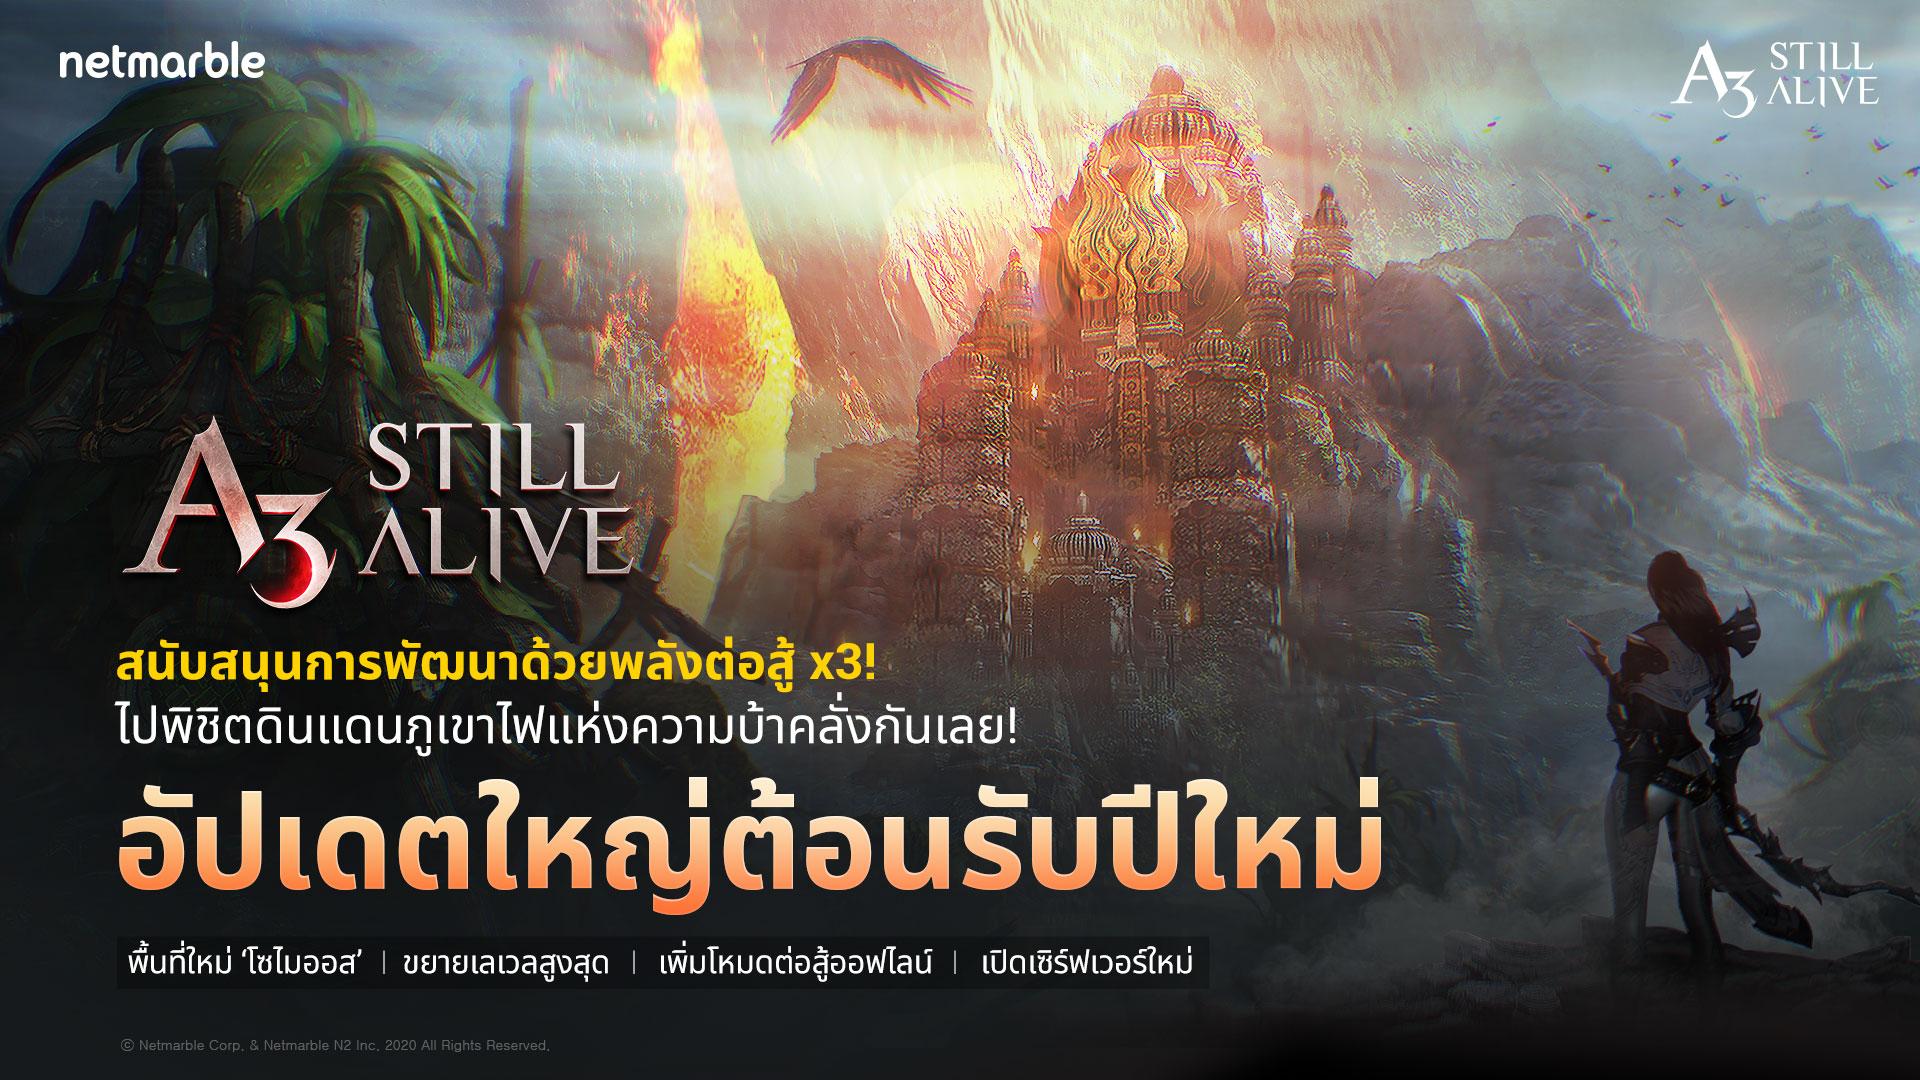 A3 STILL ALIVE 822021 2